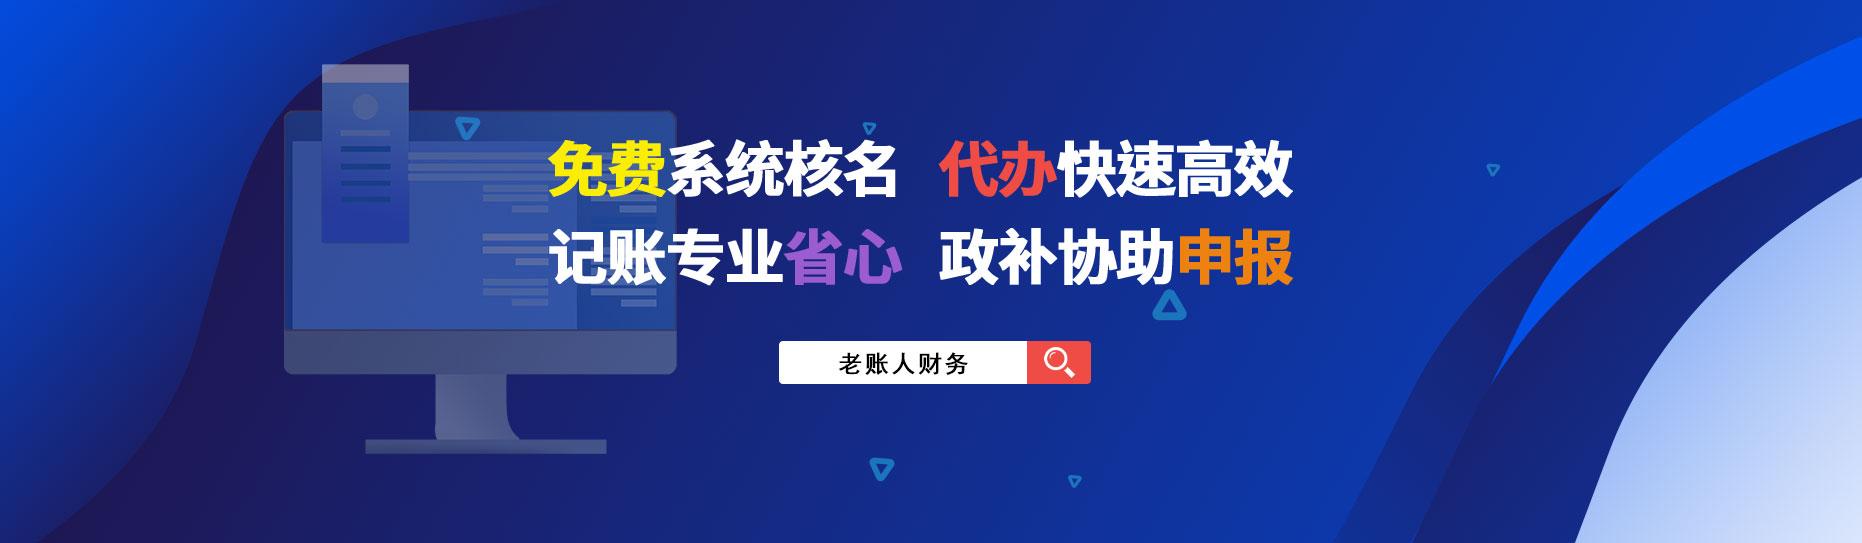 贵州老账人财务官网banner1